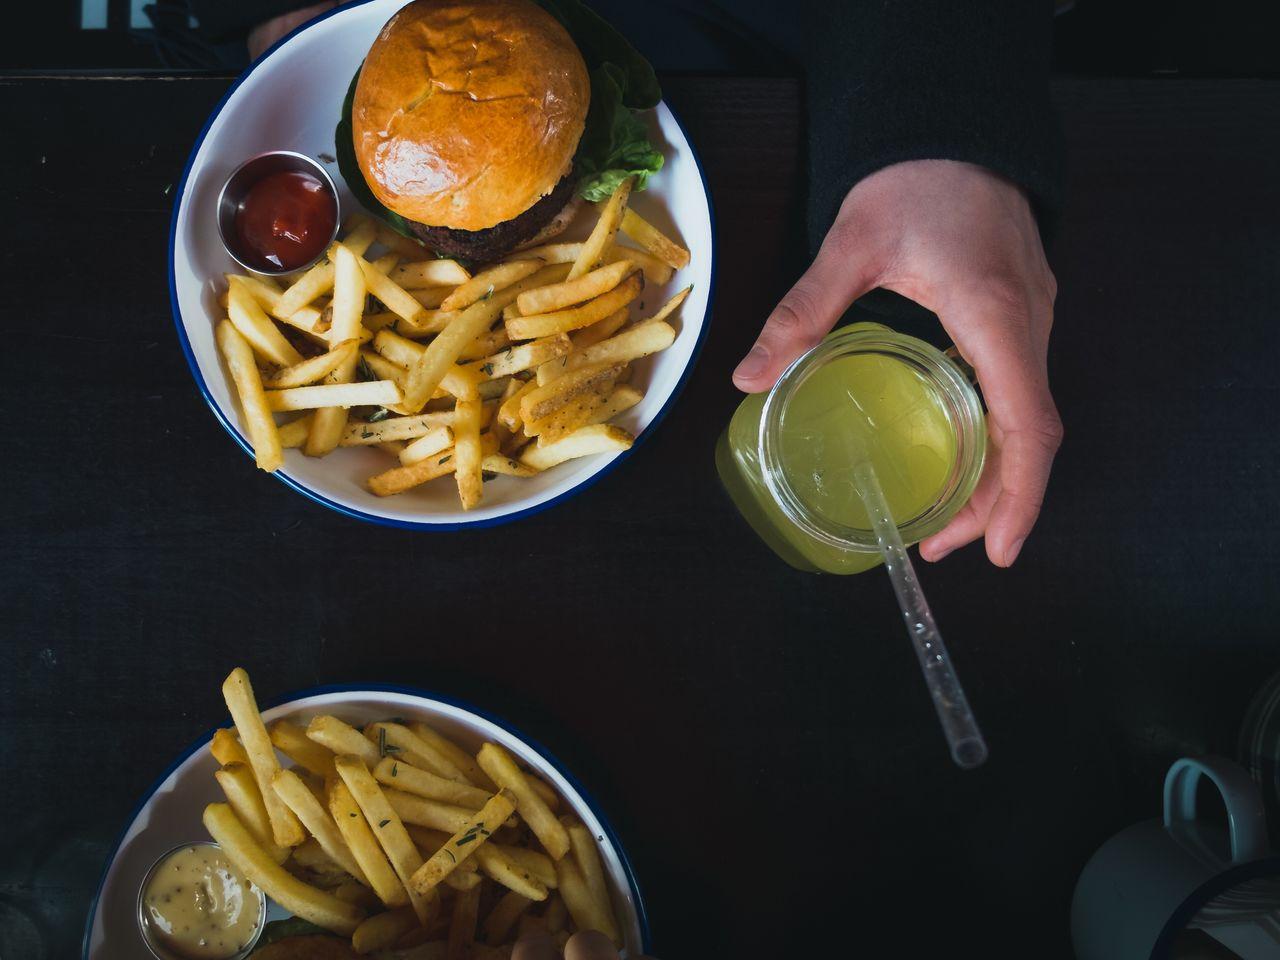 Burgers Food And Drink Food Foodporn Hamburg Eating Enjoying Life EyeEm Best Shots Eye4photography